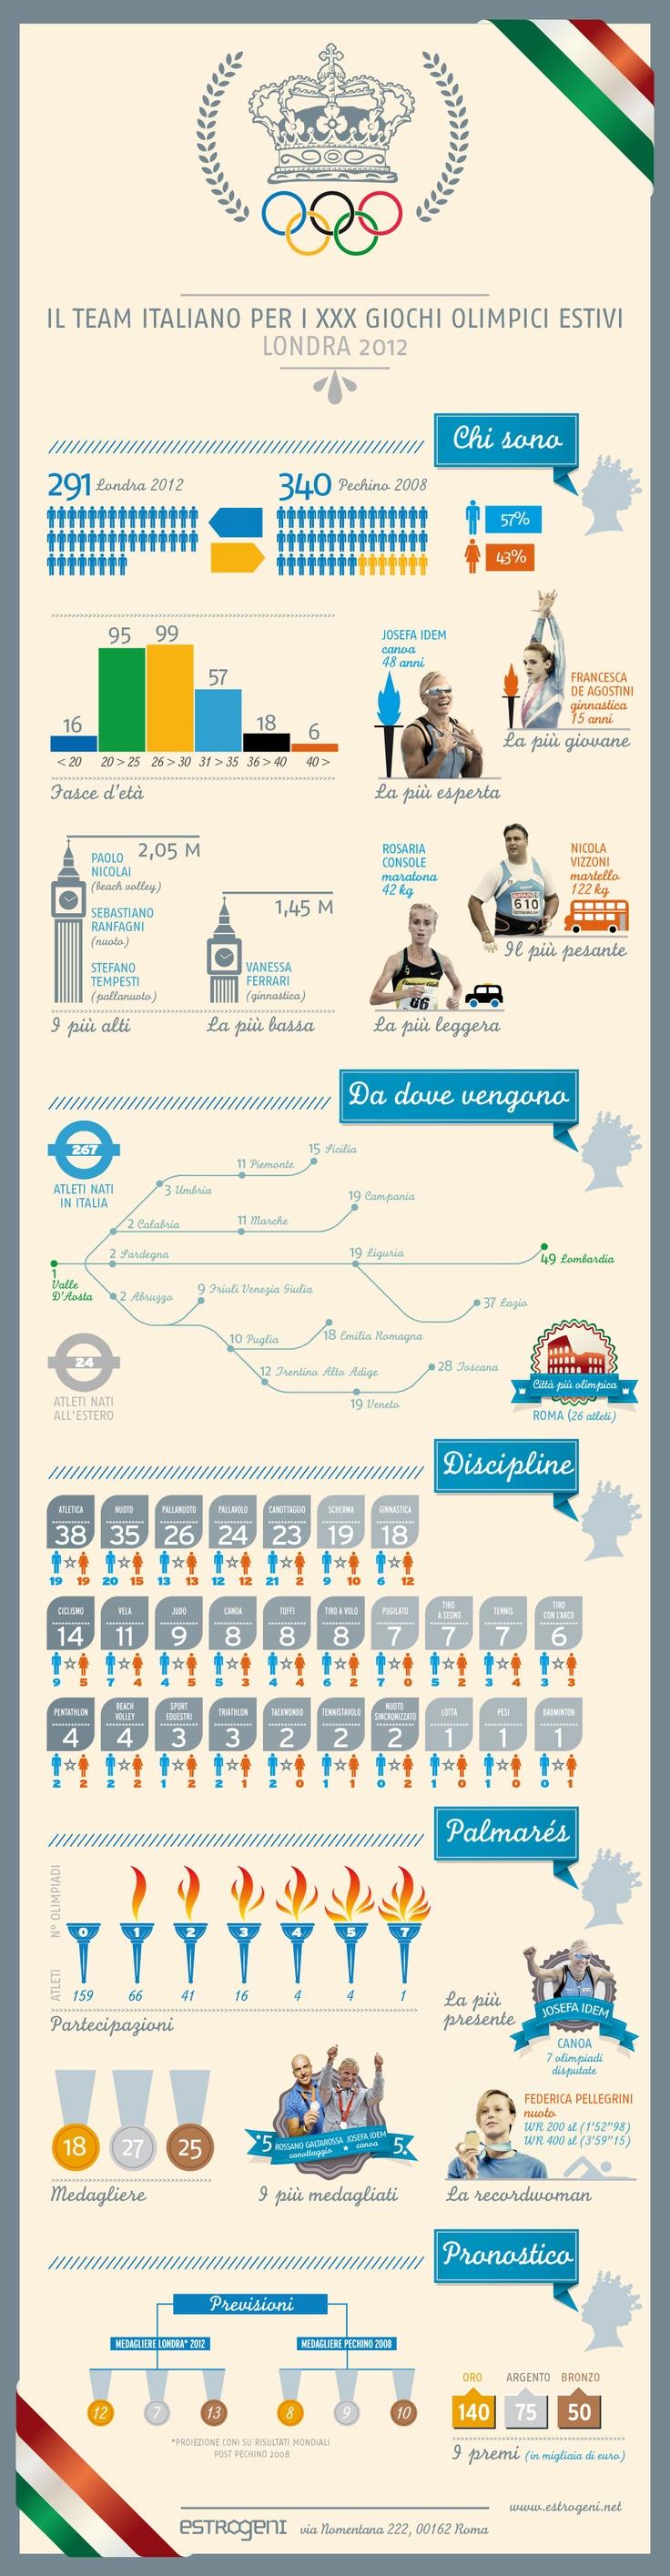 infografica: tutti i numeri della nazionale italiana #londra2012